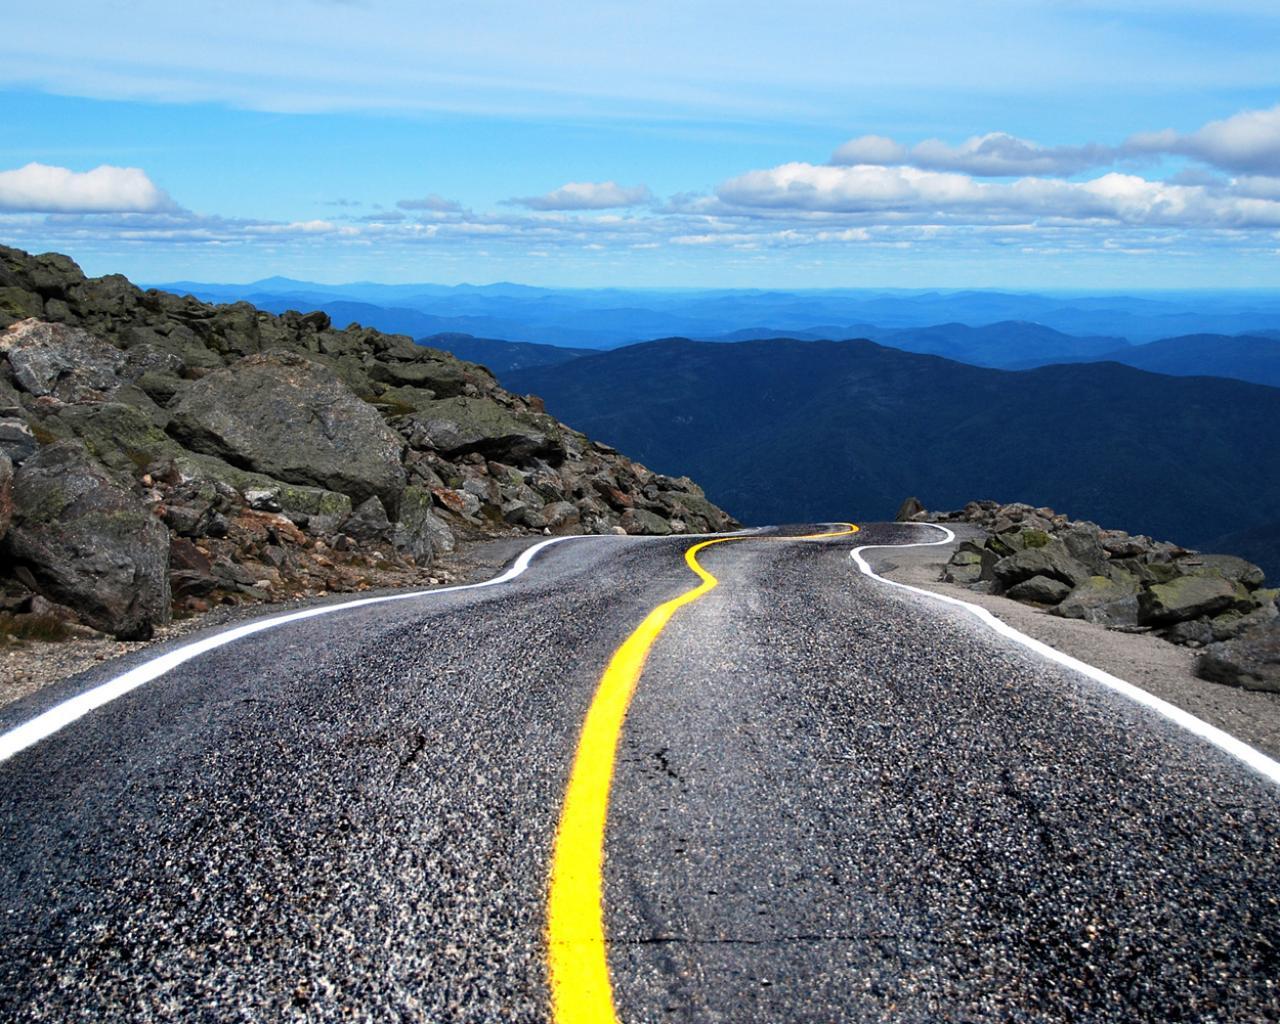 asphalt wallpaper, крупнозернистый асфальт, скачать фото, горная дорога, обои для рабочего стола